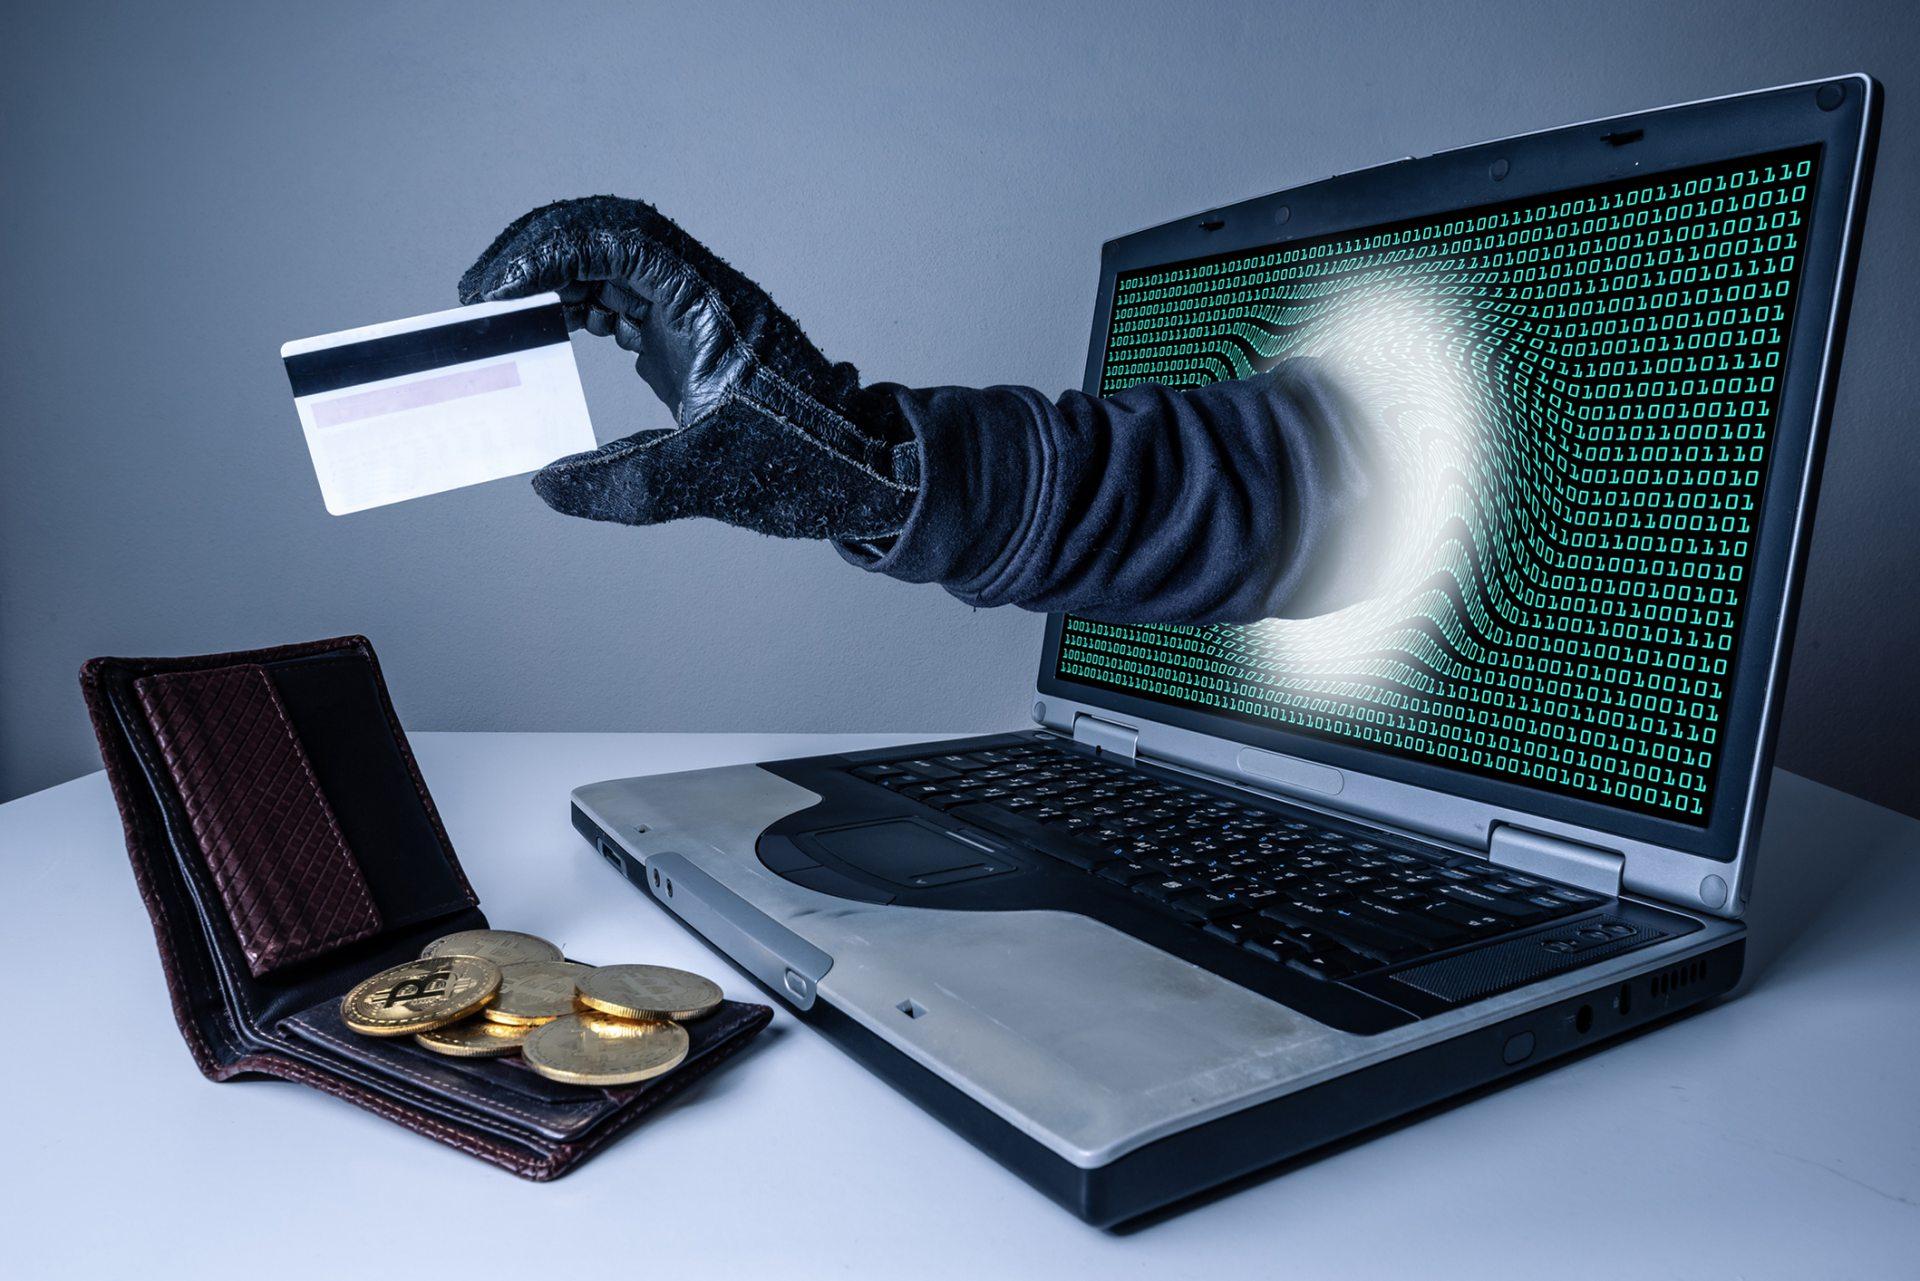 шахраї, інтернет, жінки, поліція